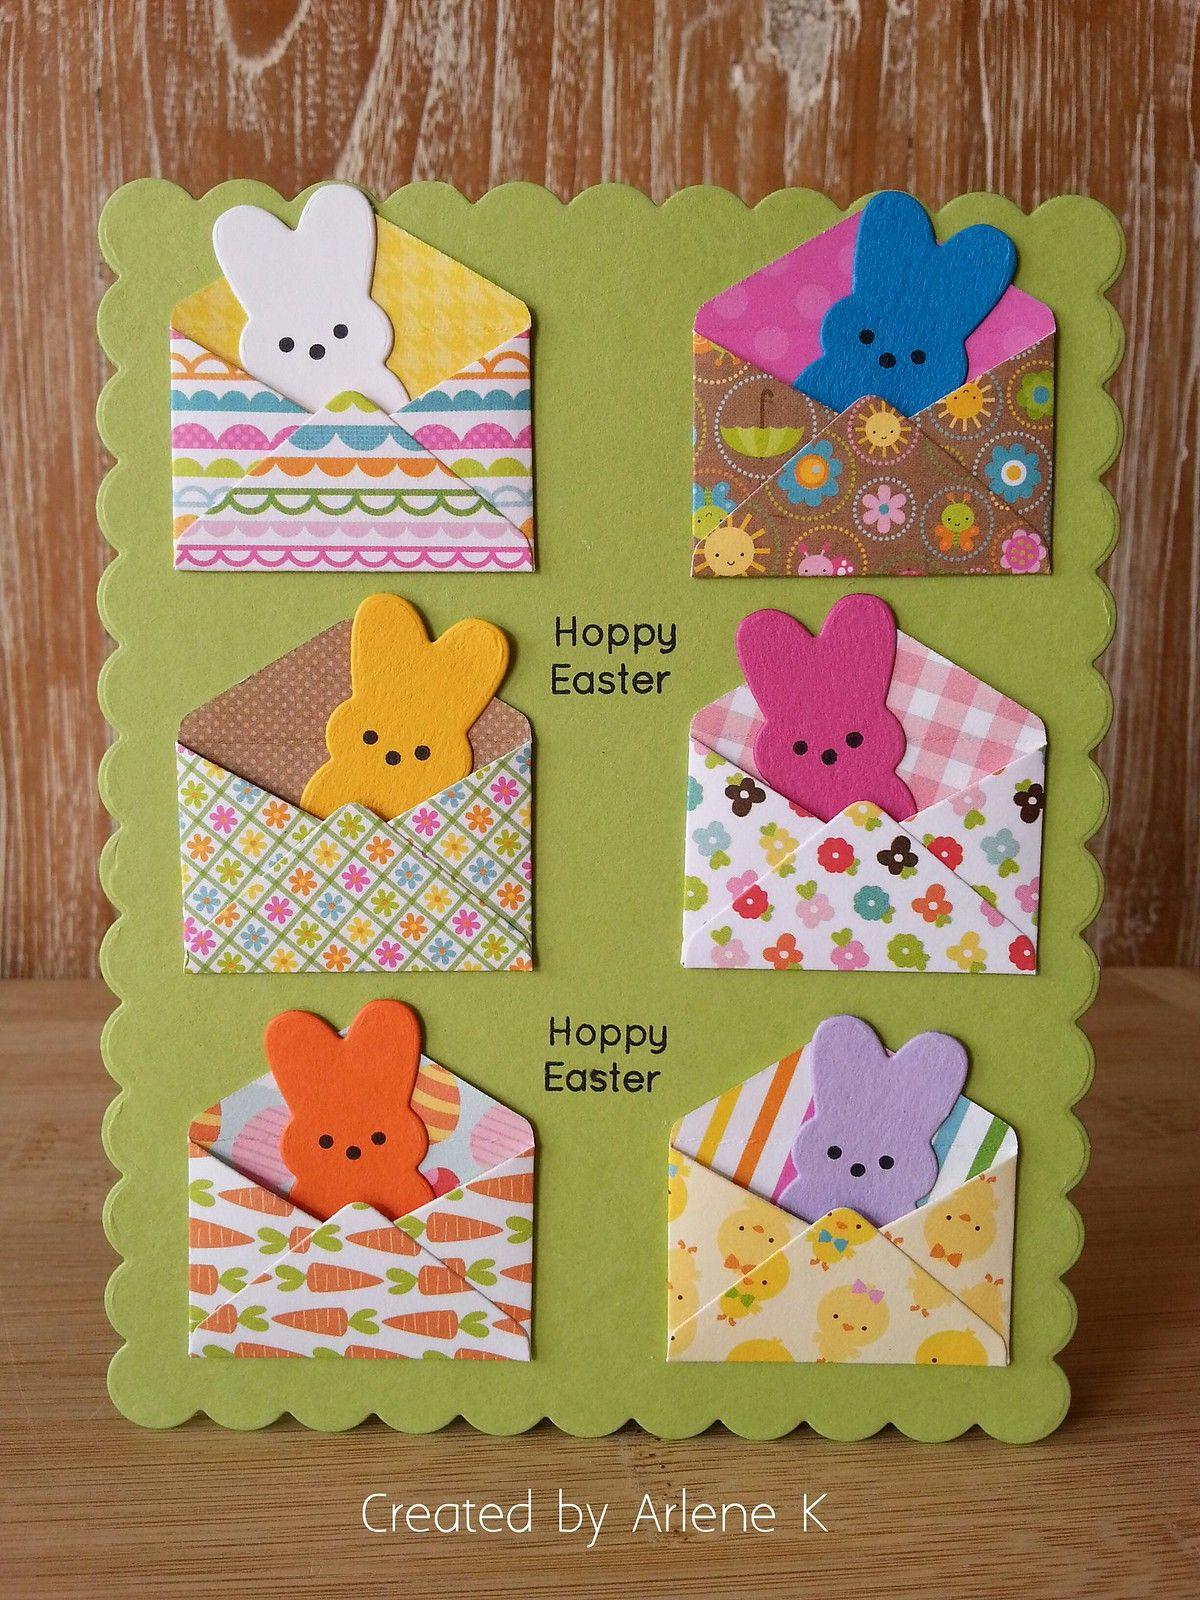 Hoppy Easter!!